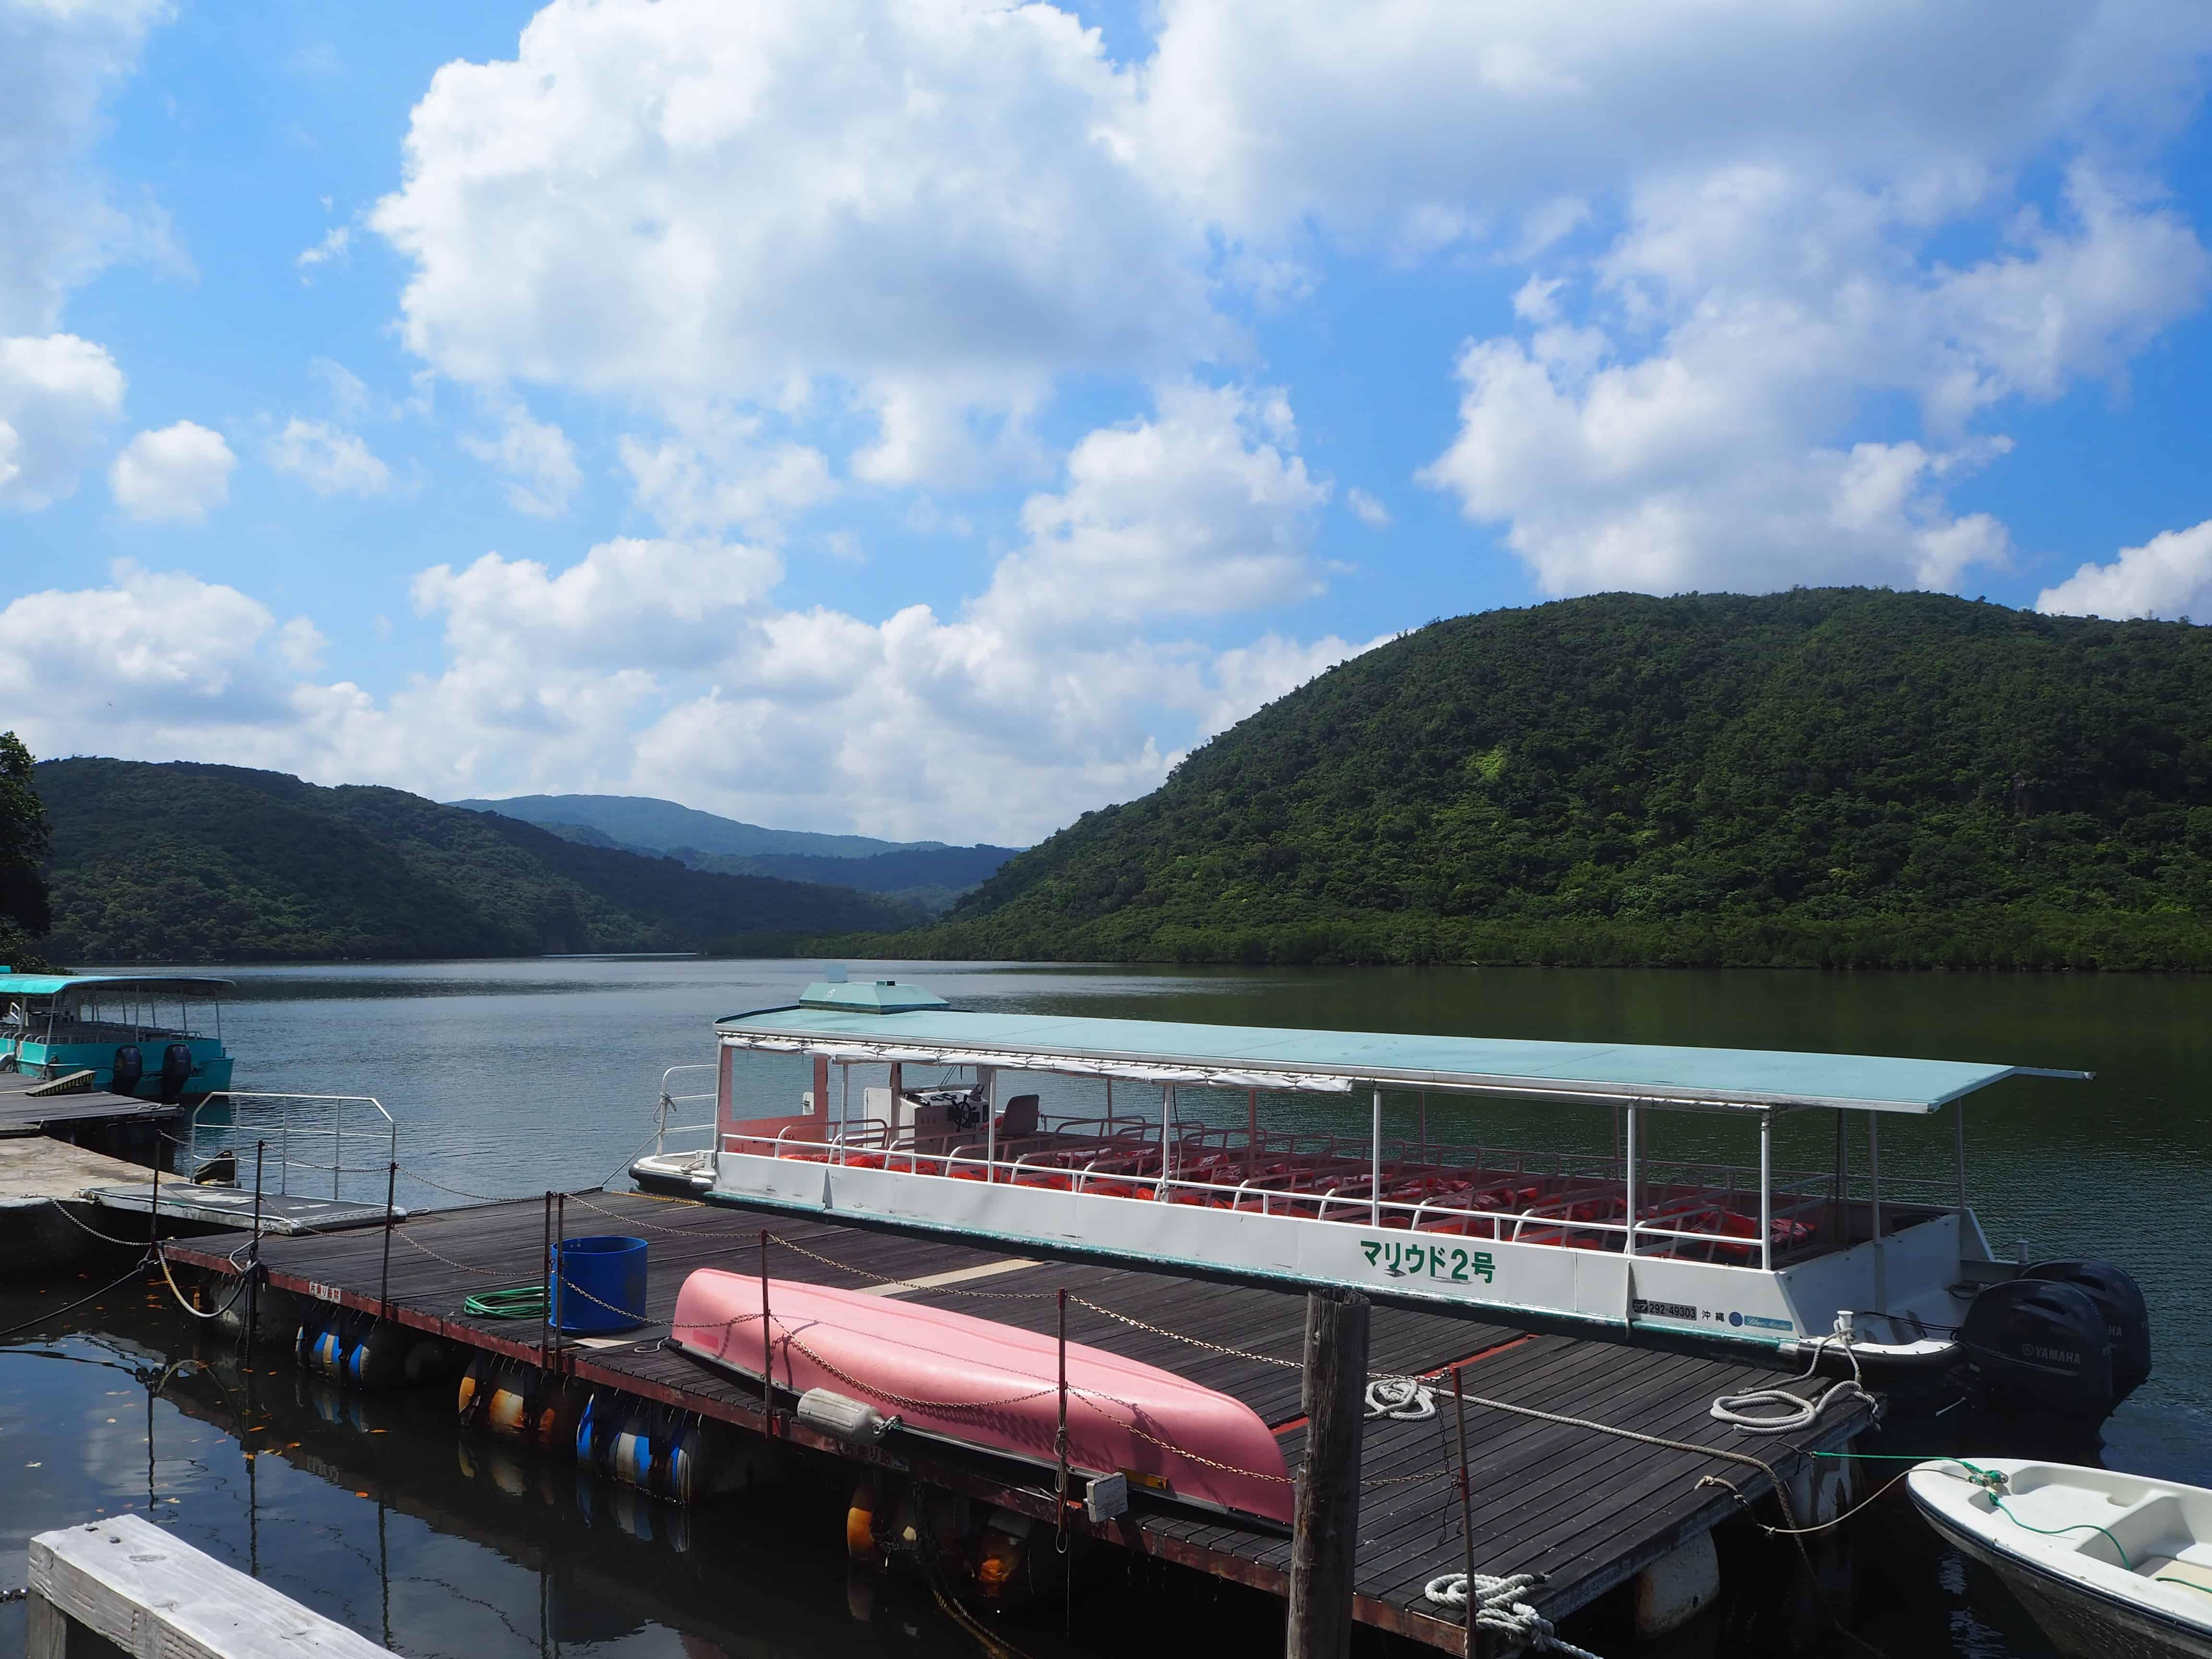 notre bateau pour longer la rivière